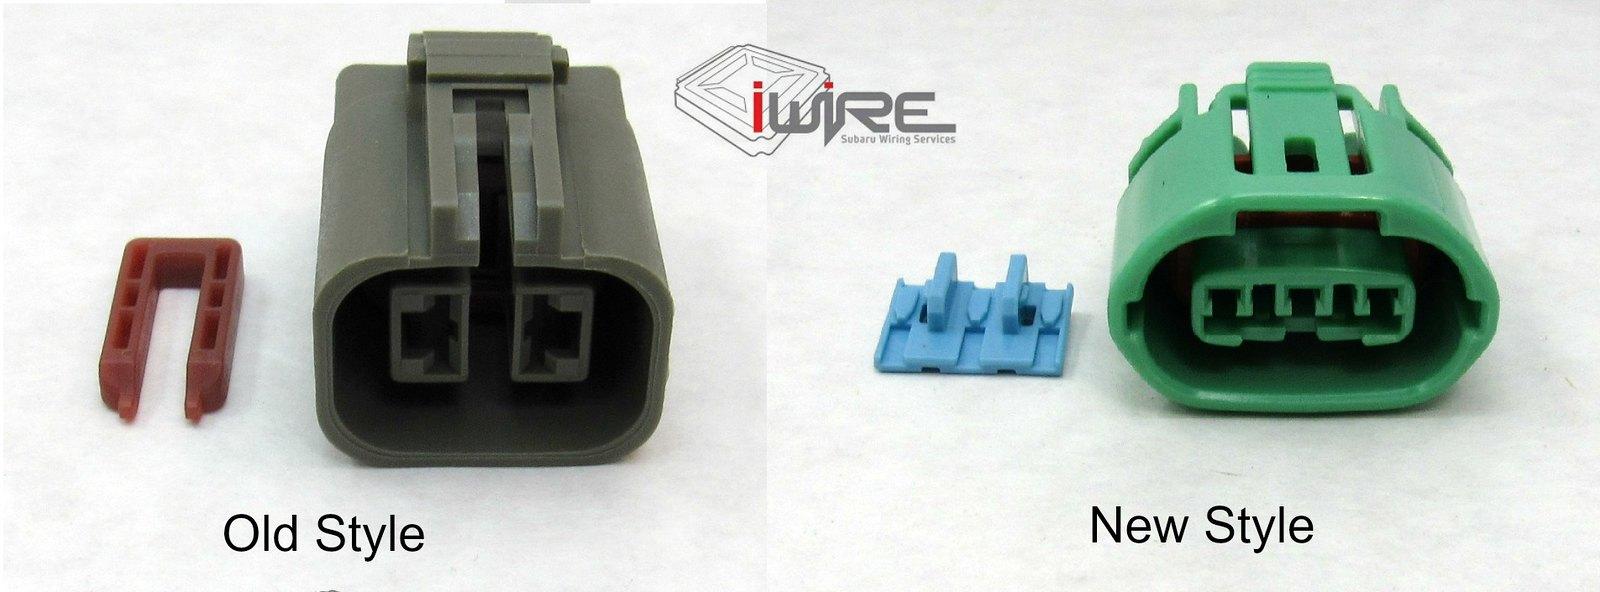 hight resolution of subaru alternator plugs in stock subaru impreza gc8 rs forum subaru alternator plug wiring